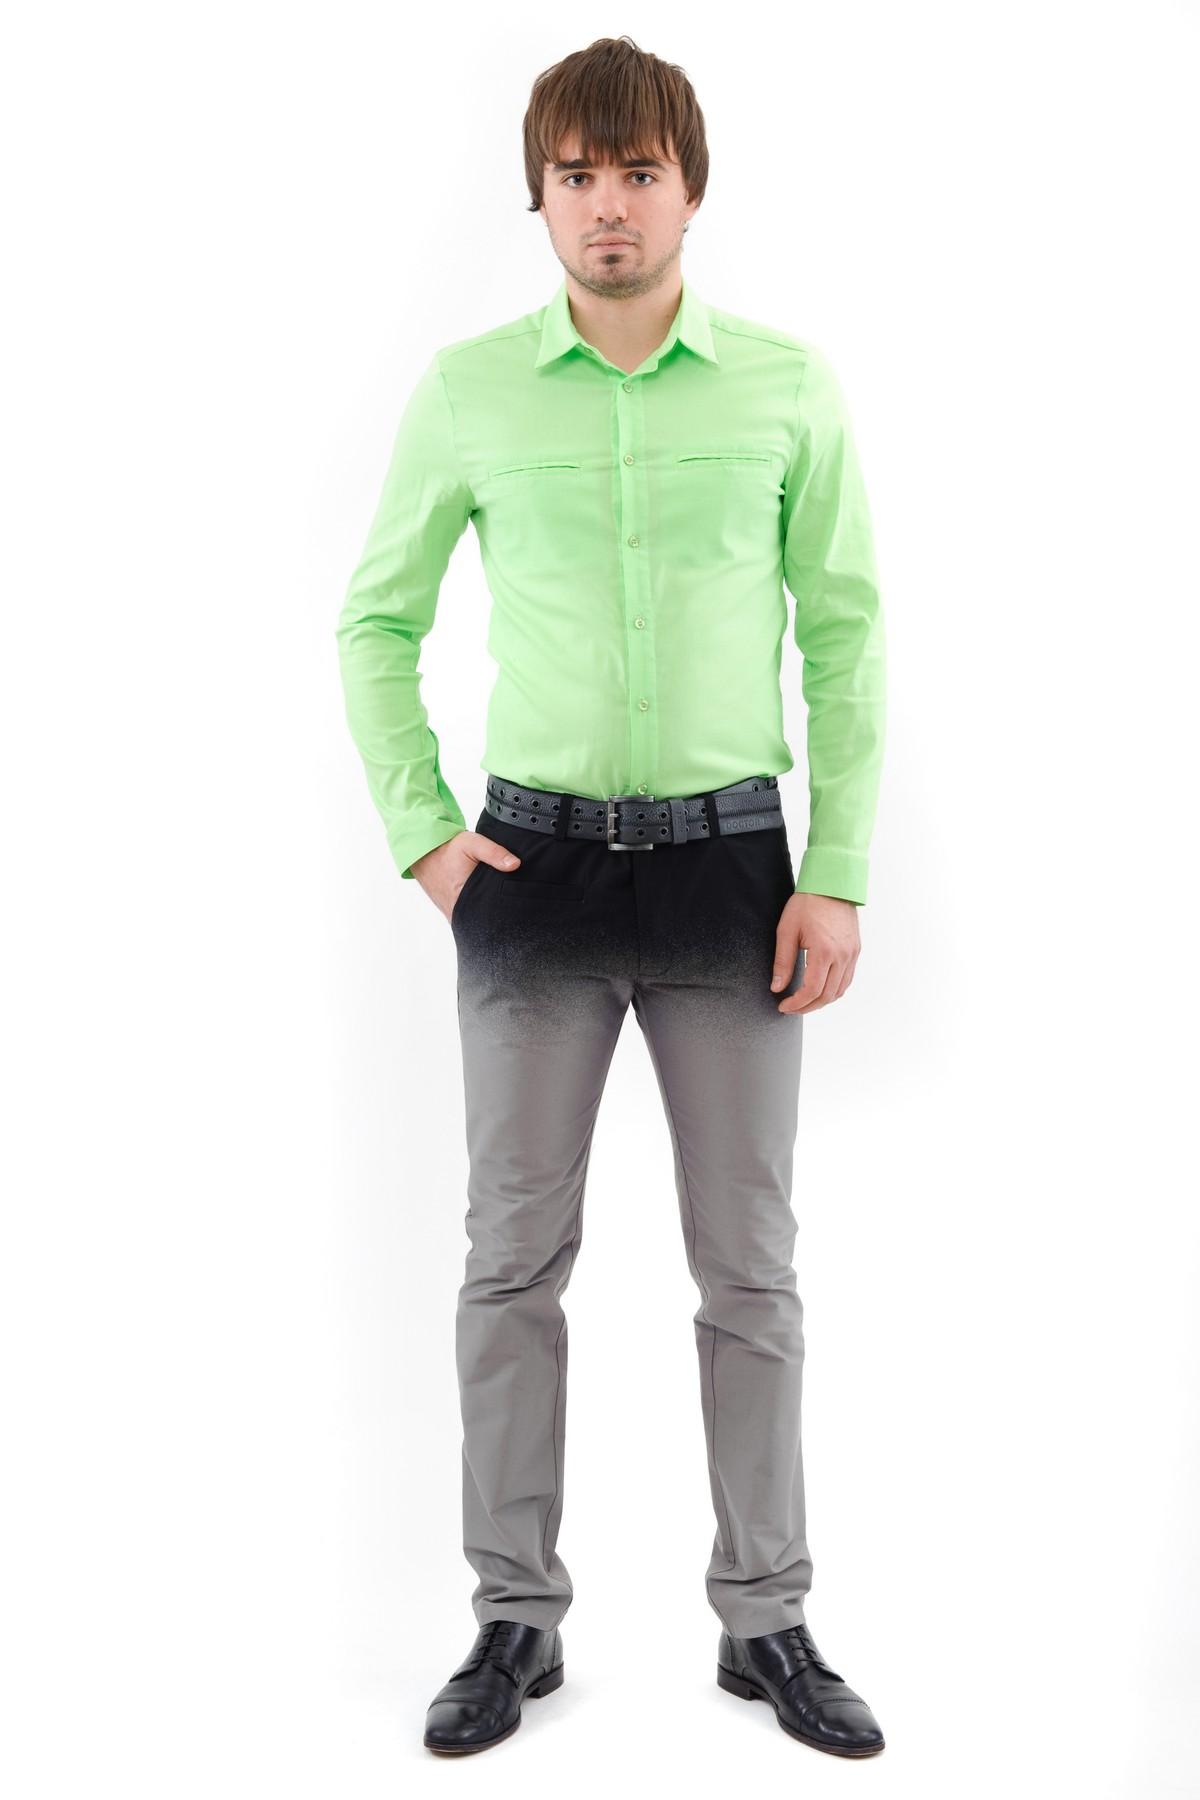 РубашкаМужские рубашки<br>Актуальная рубашка с длинным рукавами и застежкой на пуговицы,. Воротник отложной. Дополнена карманами на груди. Полочки и спинка на фигурных кокетках, дающих свободу движений. Эта рубашка для мужчин, ценящих комфорт и стиль. Отлично смотрится в сочетании<br><br>Цвет: лайм<br>Состав: 97% хлопок, 3% лайкра<br>Размер: 56,58<br>Страна дизайна: Россия<br>Страна производства: Россия